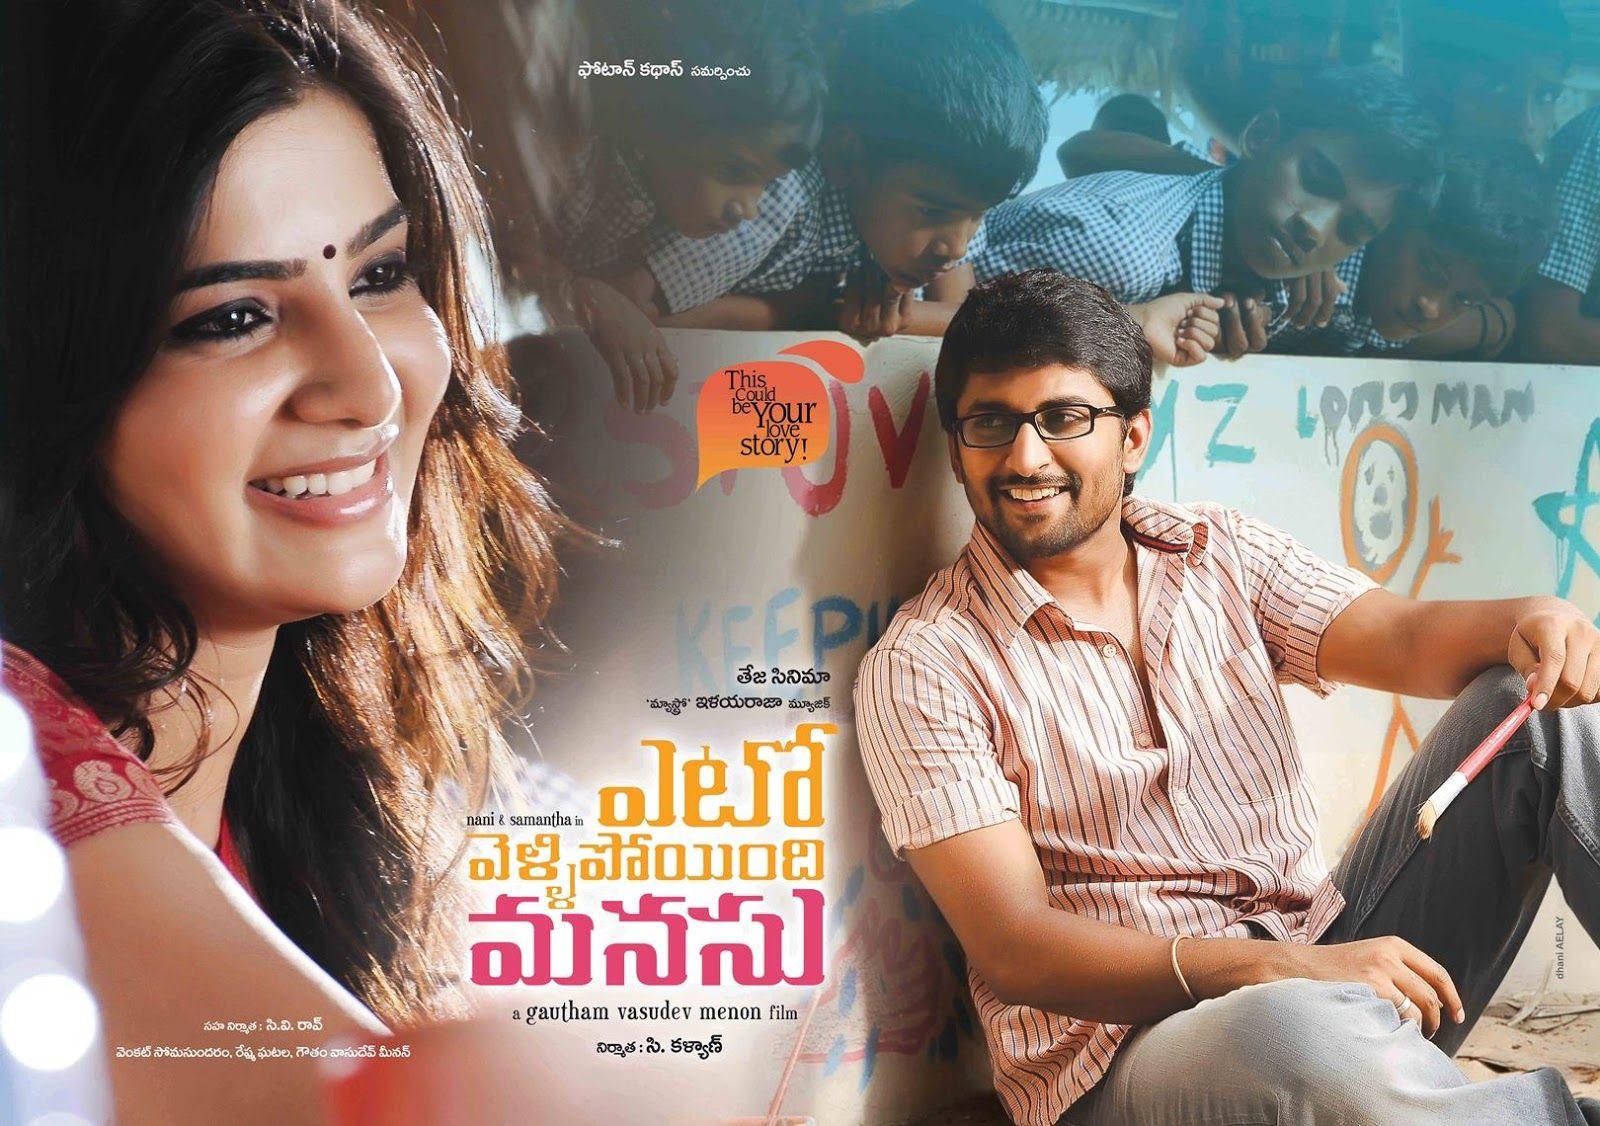 Yeto Vellipoyindi Manasu Hd Mp3 Songs Free Download Hd Telugu Movies Download Full Movies Download Download Movies